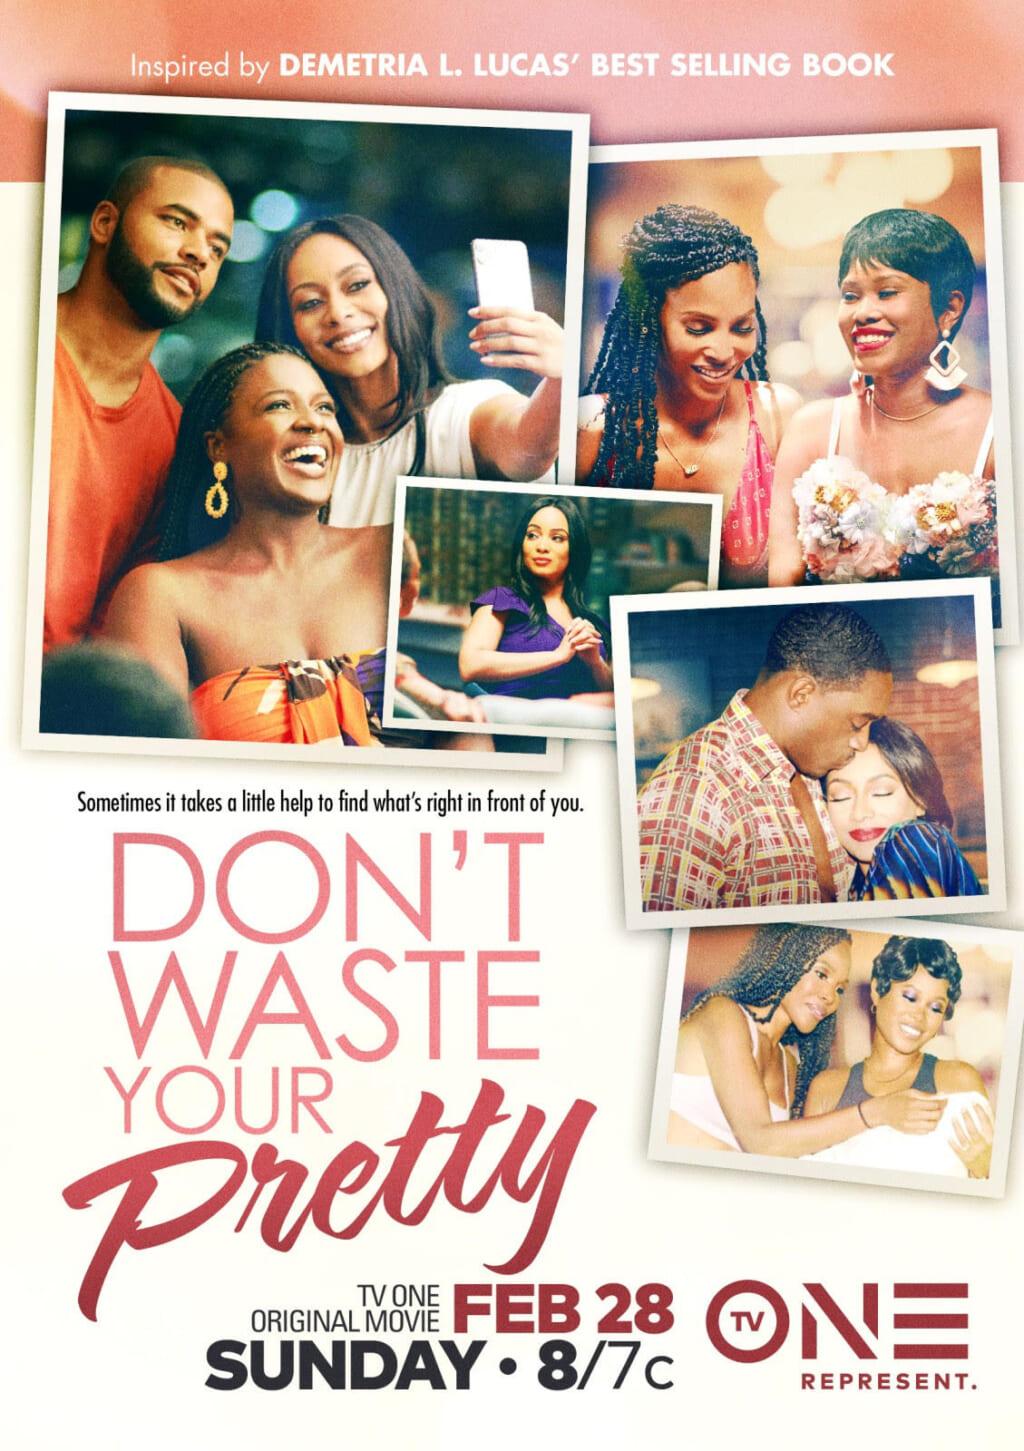 Don't Waste Your Pretty thegrio.com